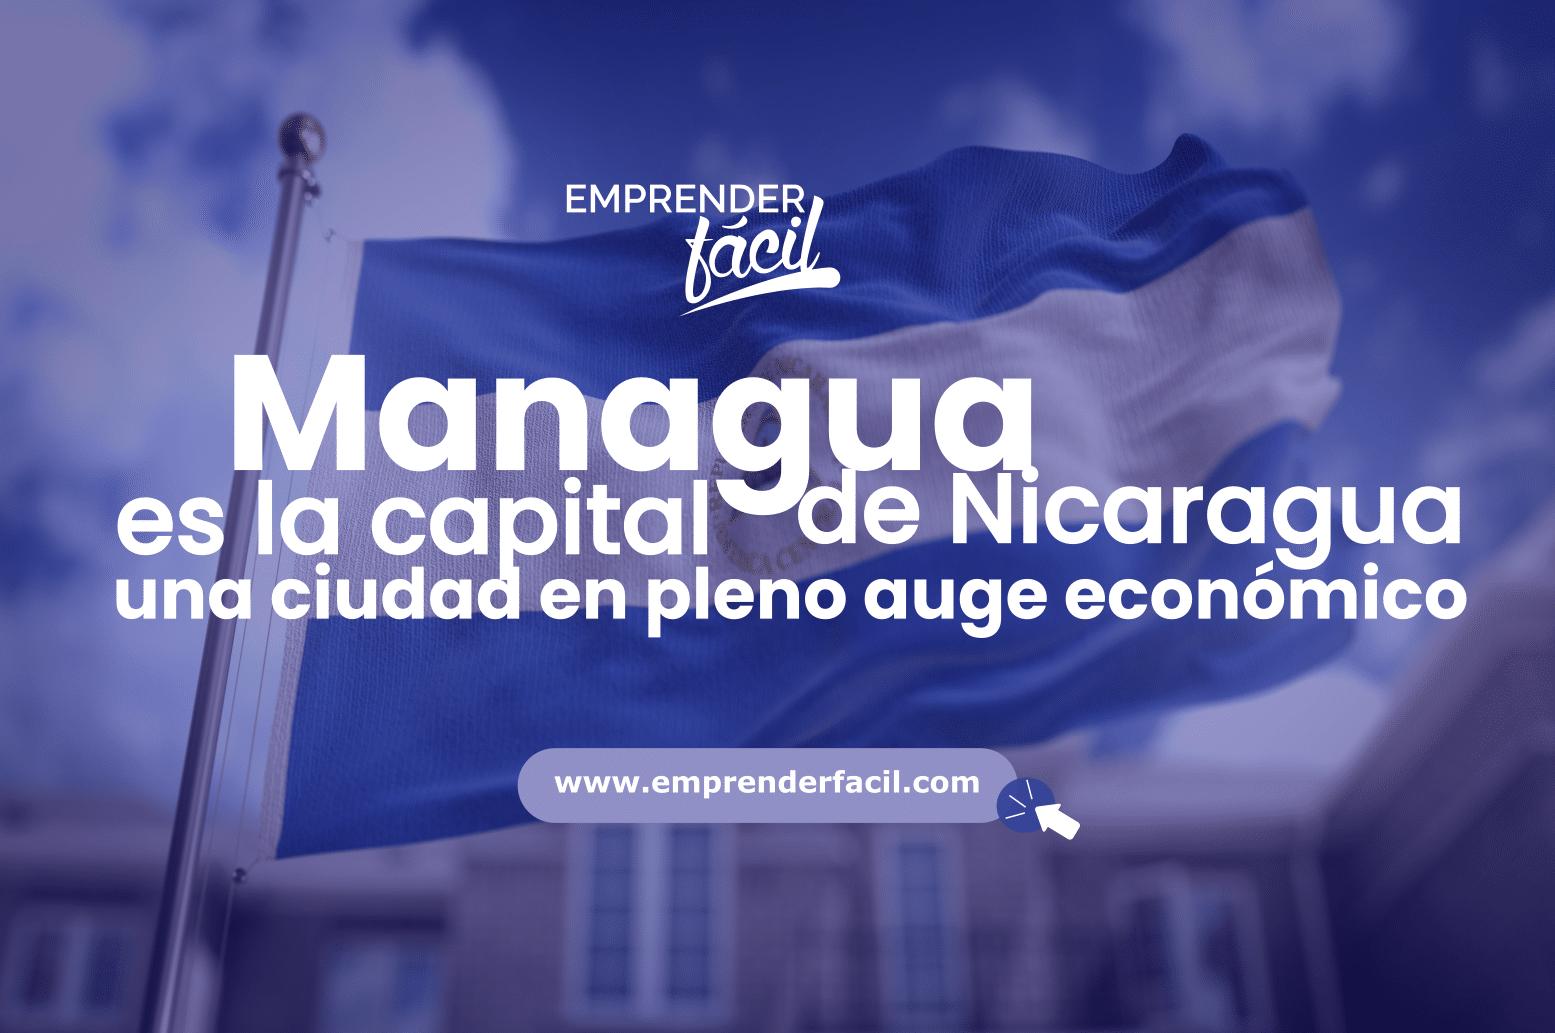 Managua es la capital de Nicaragua, una ciudad en pleno auge económico